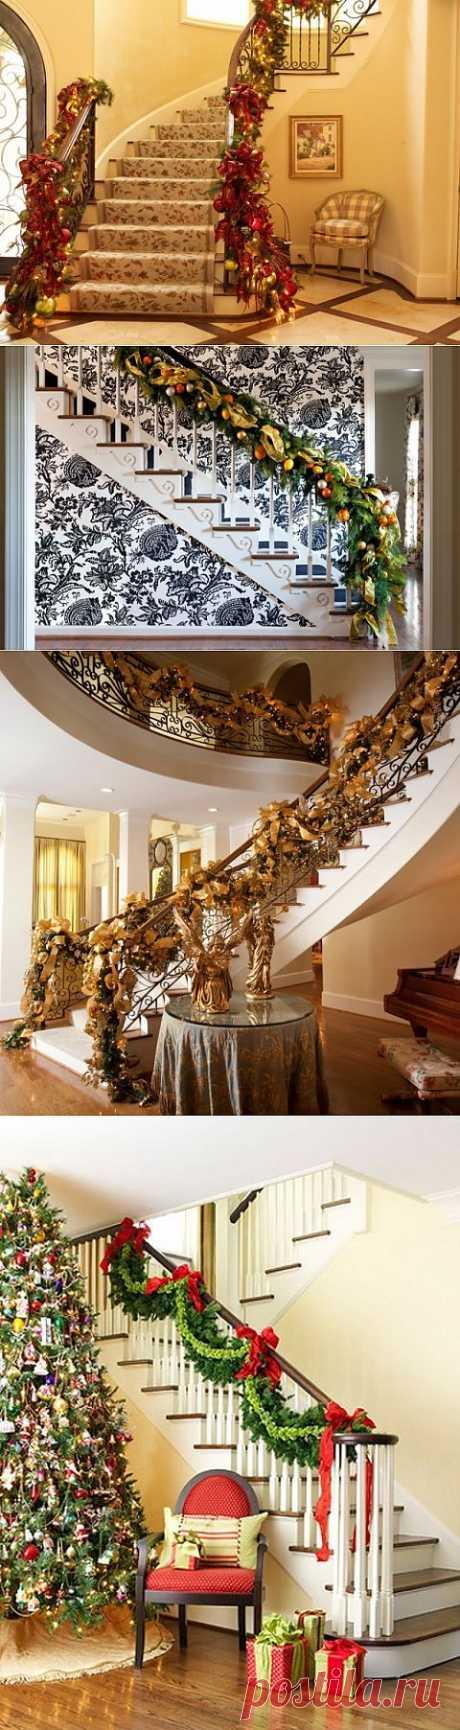 Дизайн интерьера. Потрясающие идеи украшения лестниц к Рождеству.